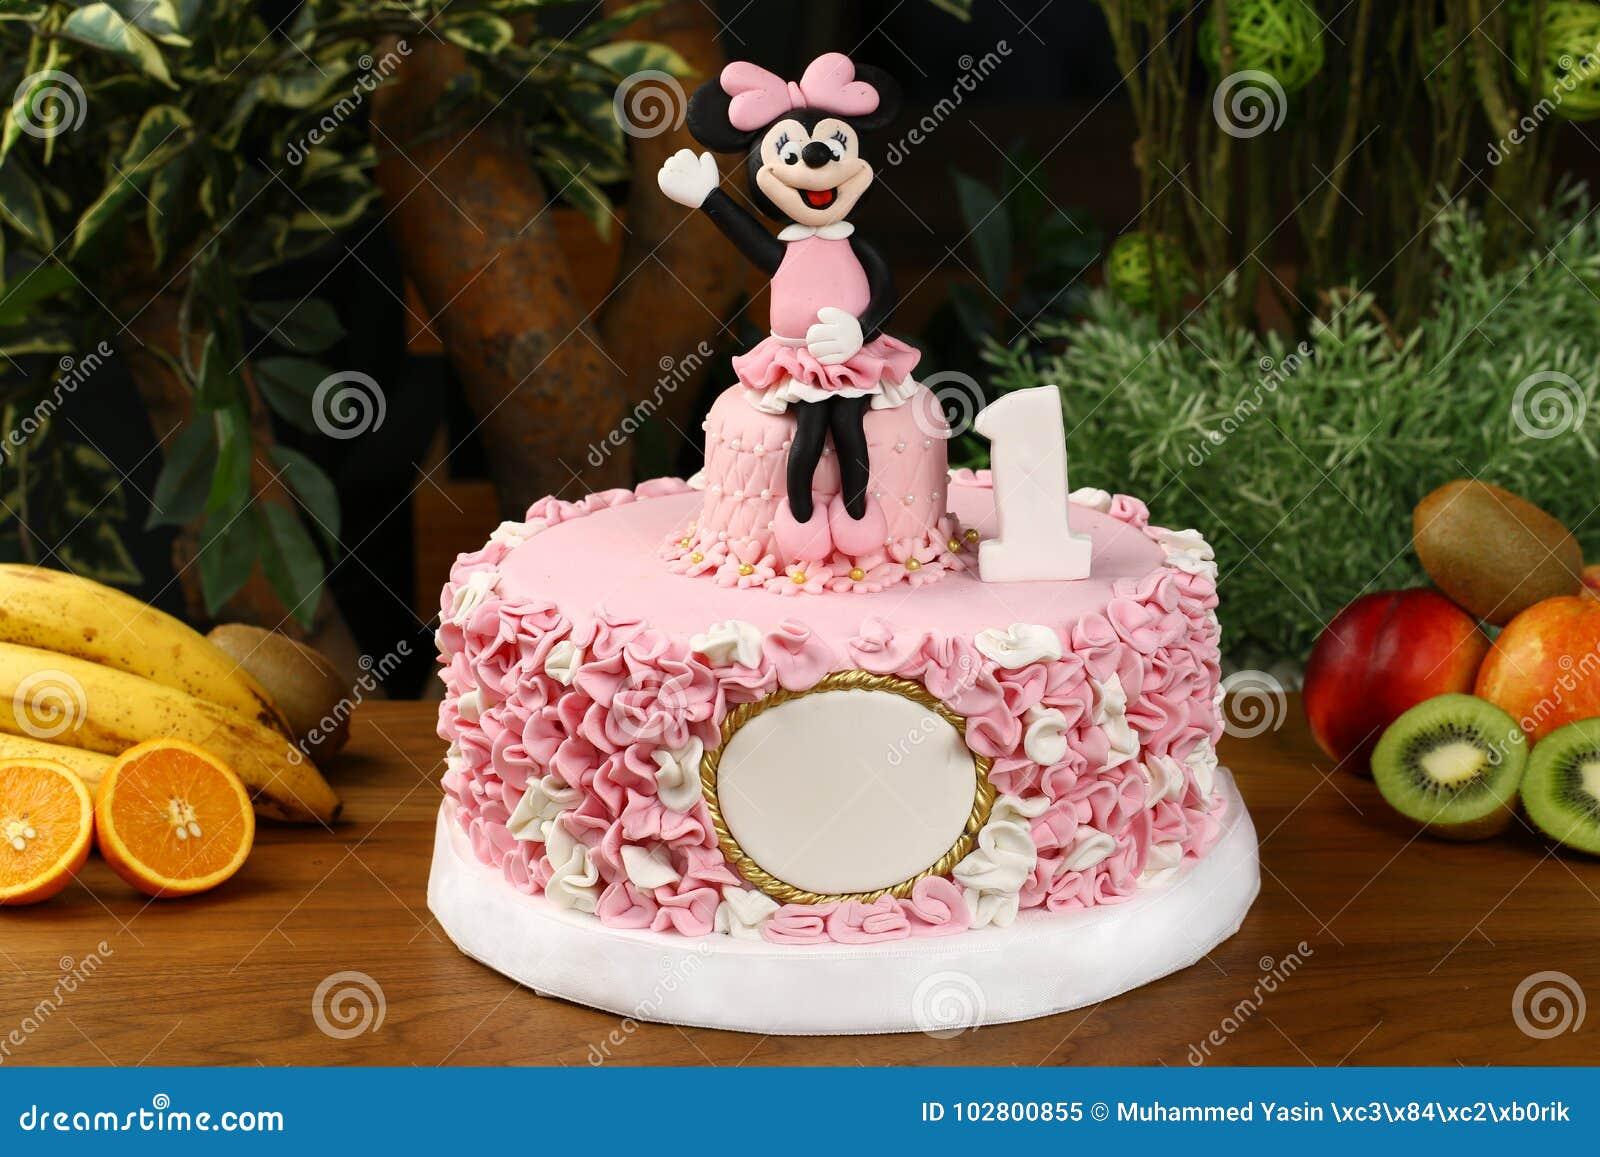 Tavolo Compleanno Topolino : Compleanno bambini festa a tema minnie mouse sulla scrivania